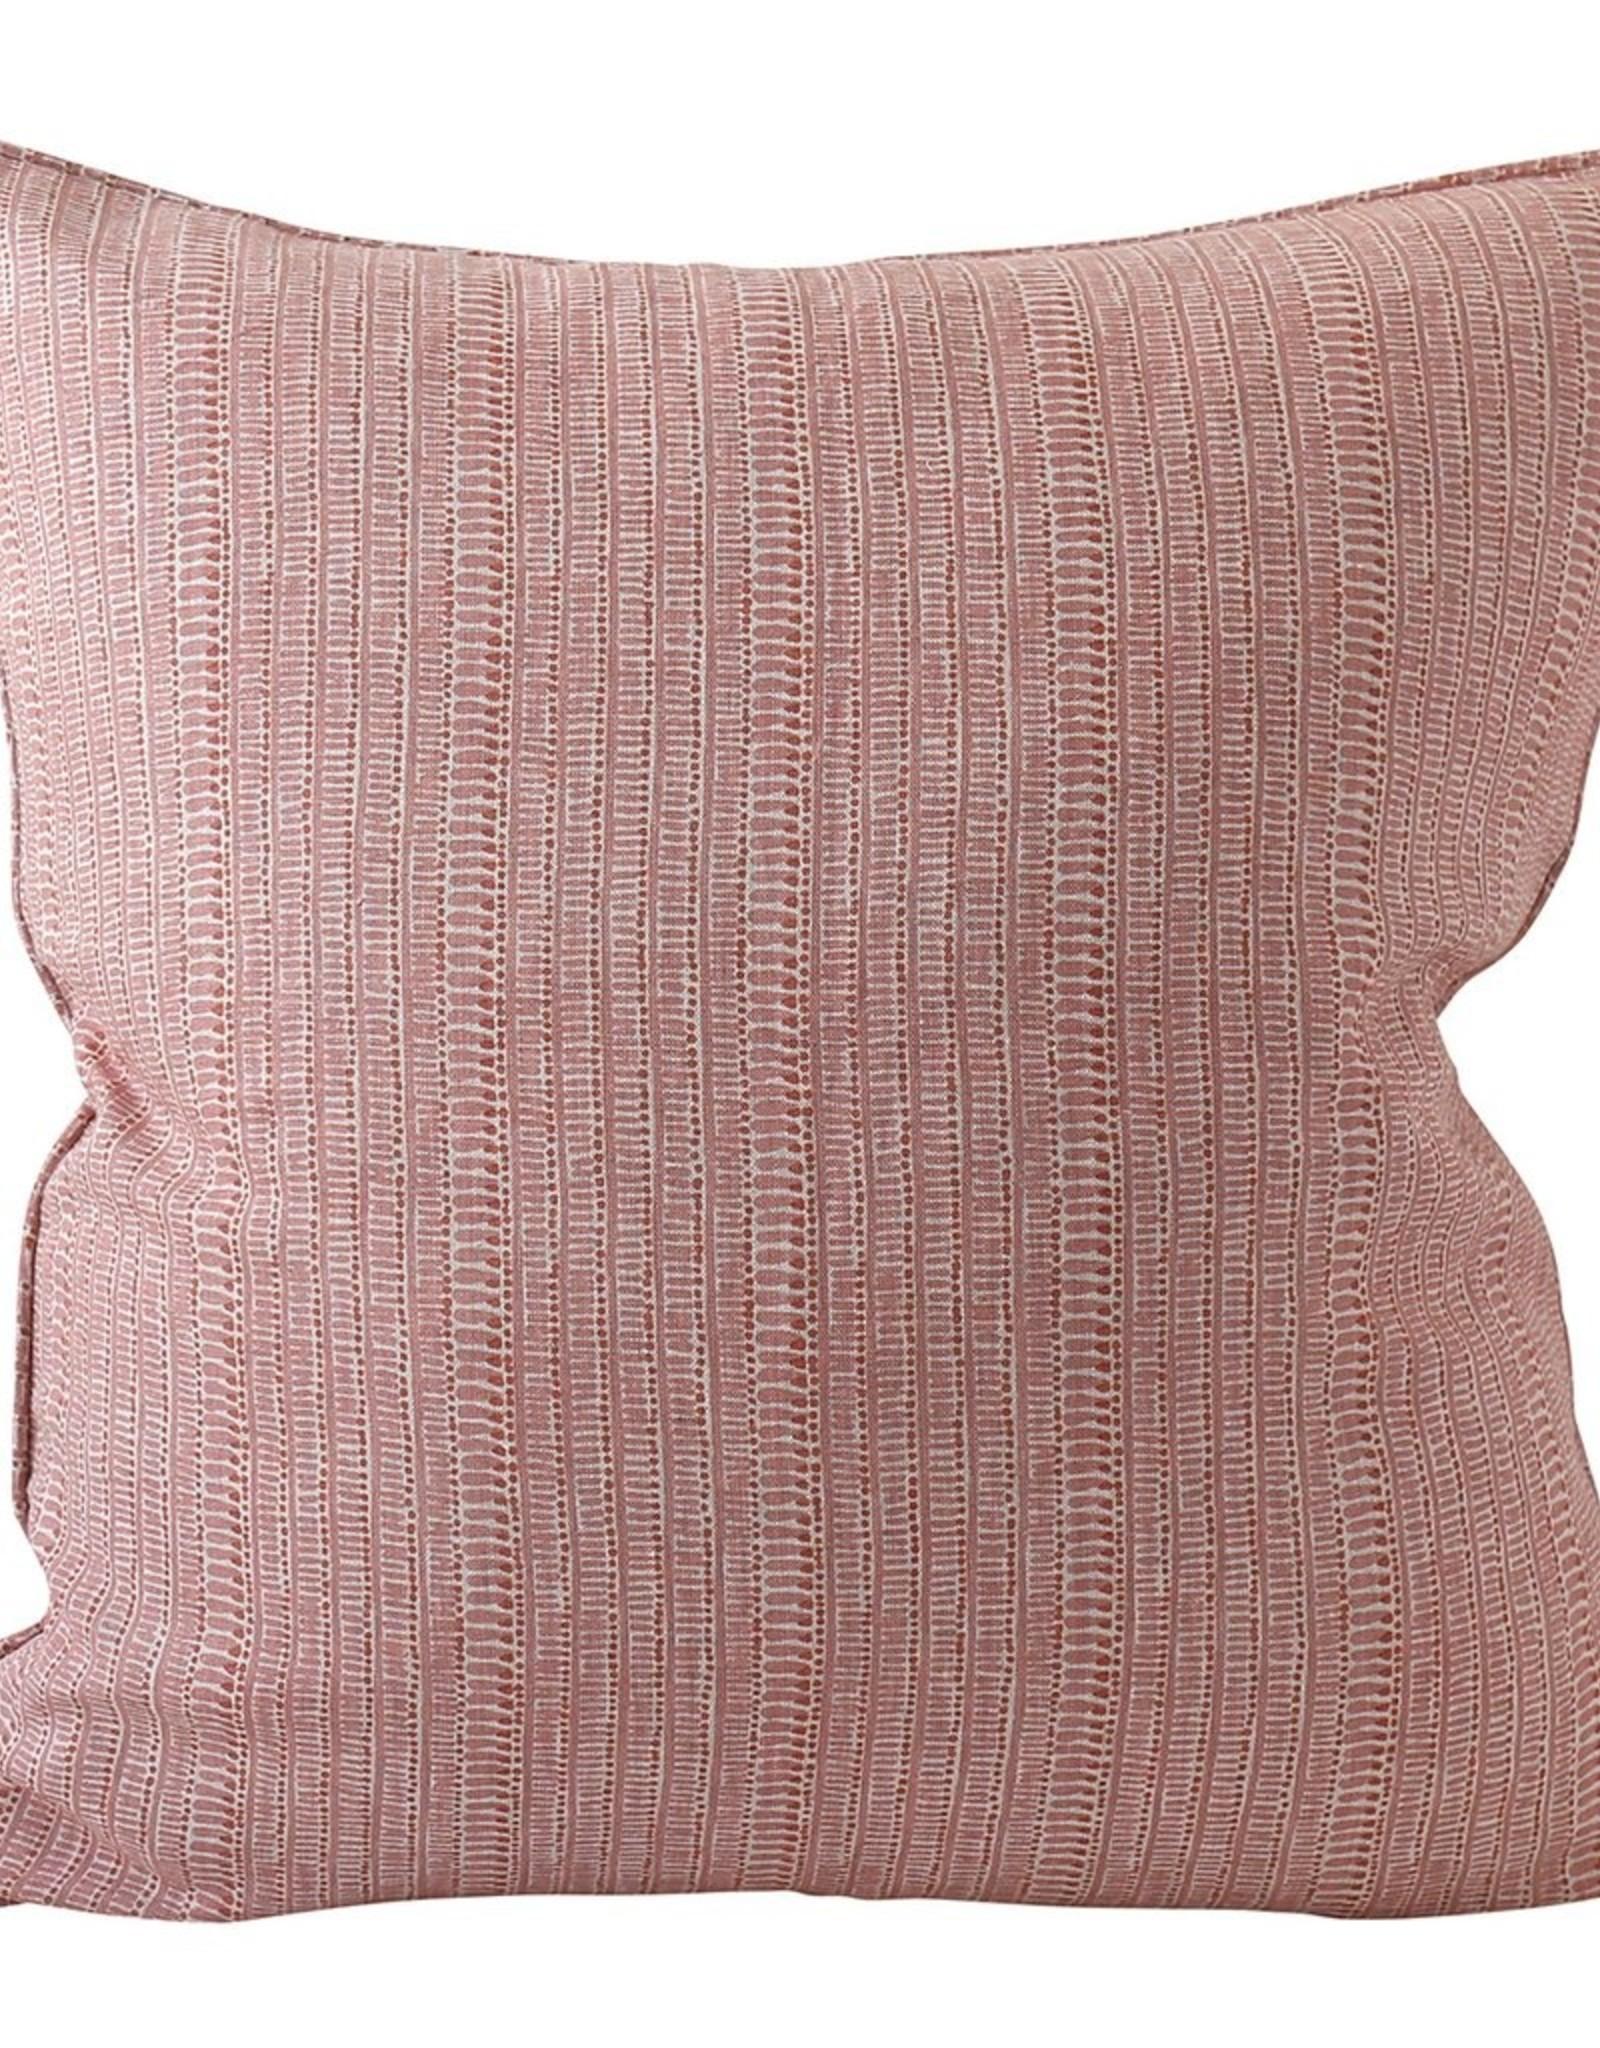 Walter G Saqquara Linen Pillow